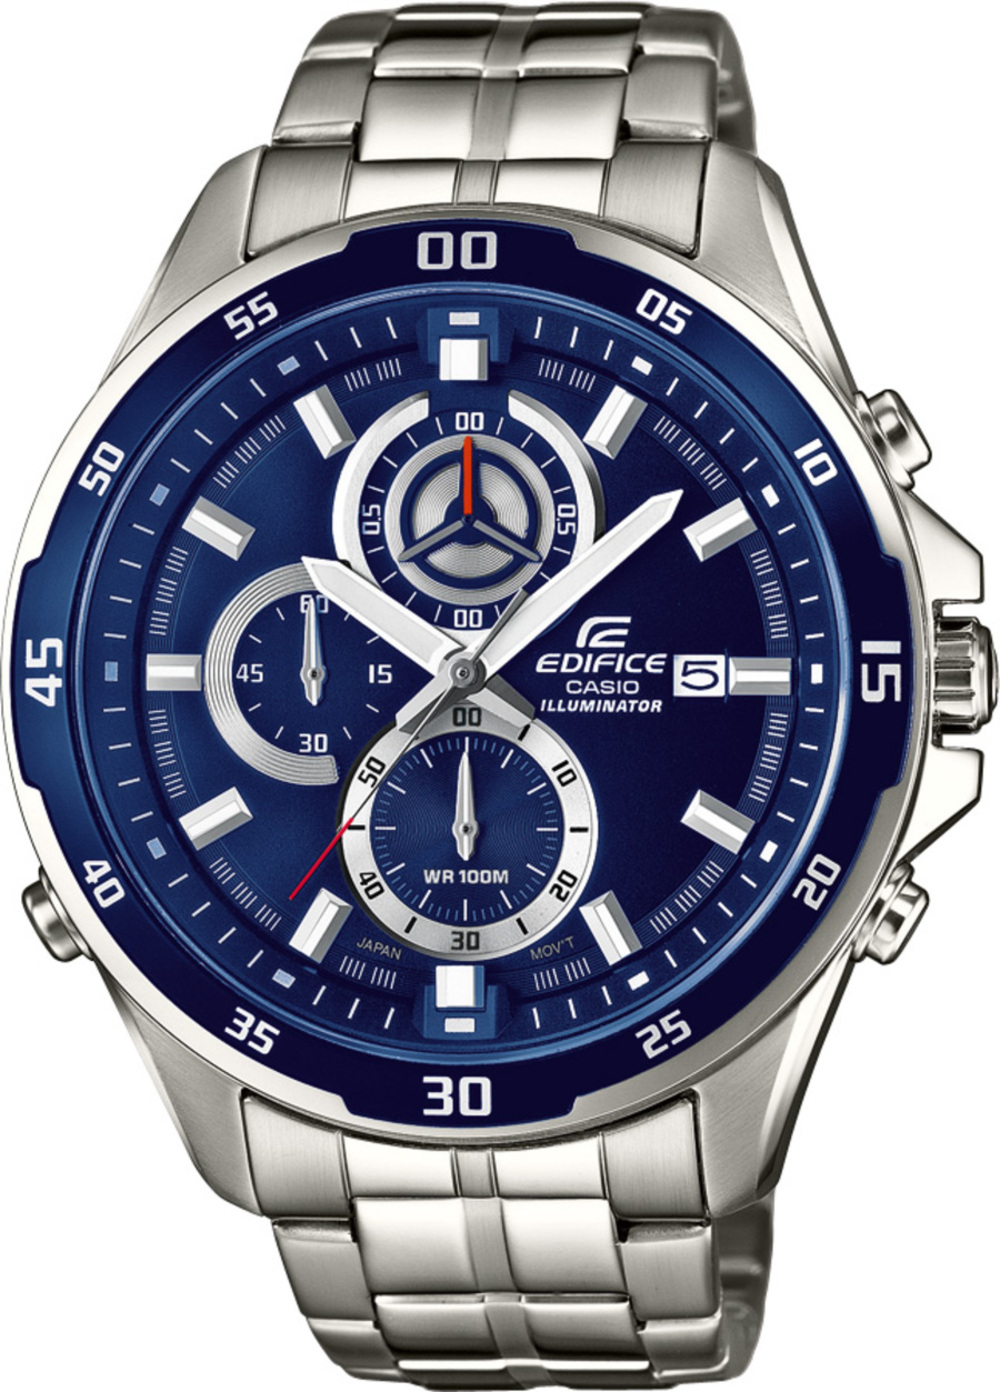 CASIO Herrenuhr Edifice EFR-547D-2AVUEF Edelstahl Chronograph blaues Zifferblatt Super Illuminator 367232000